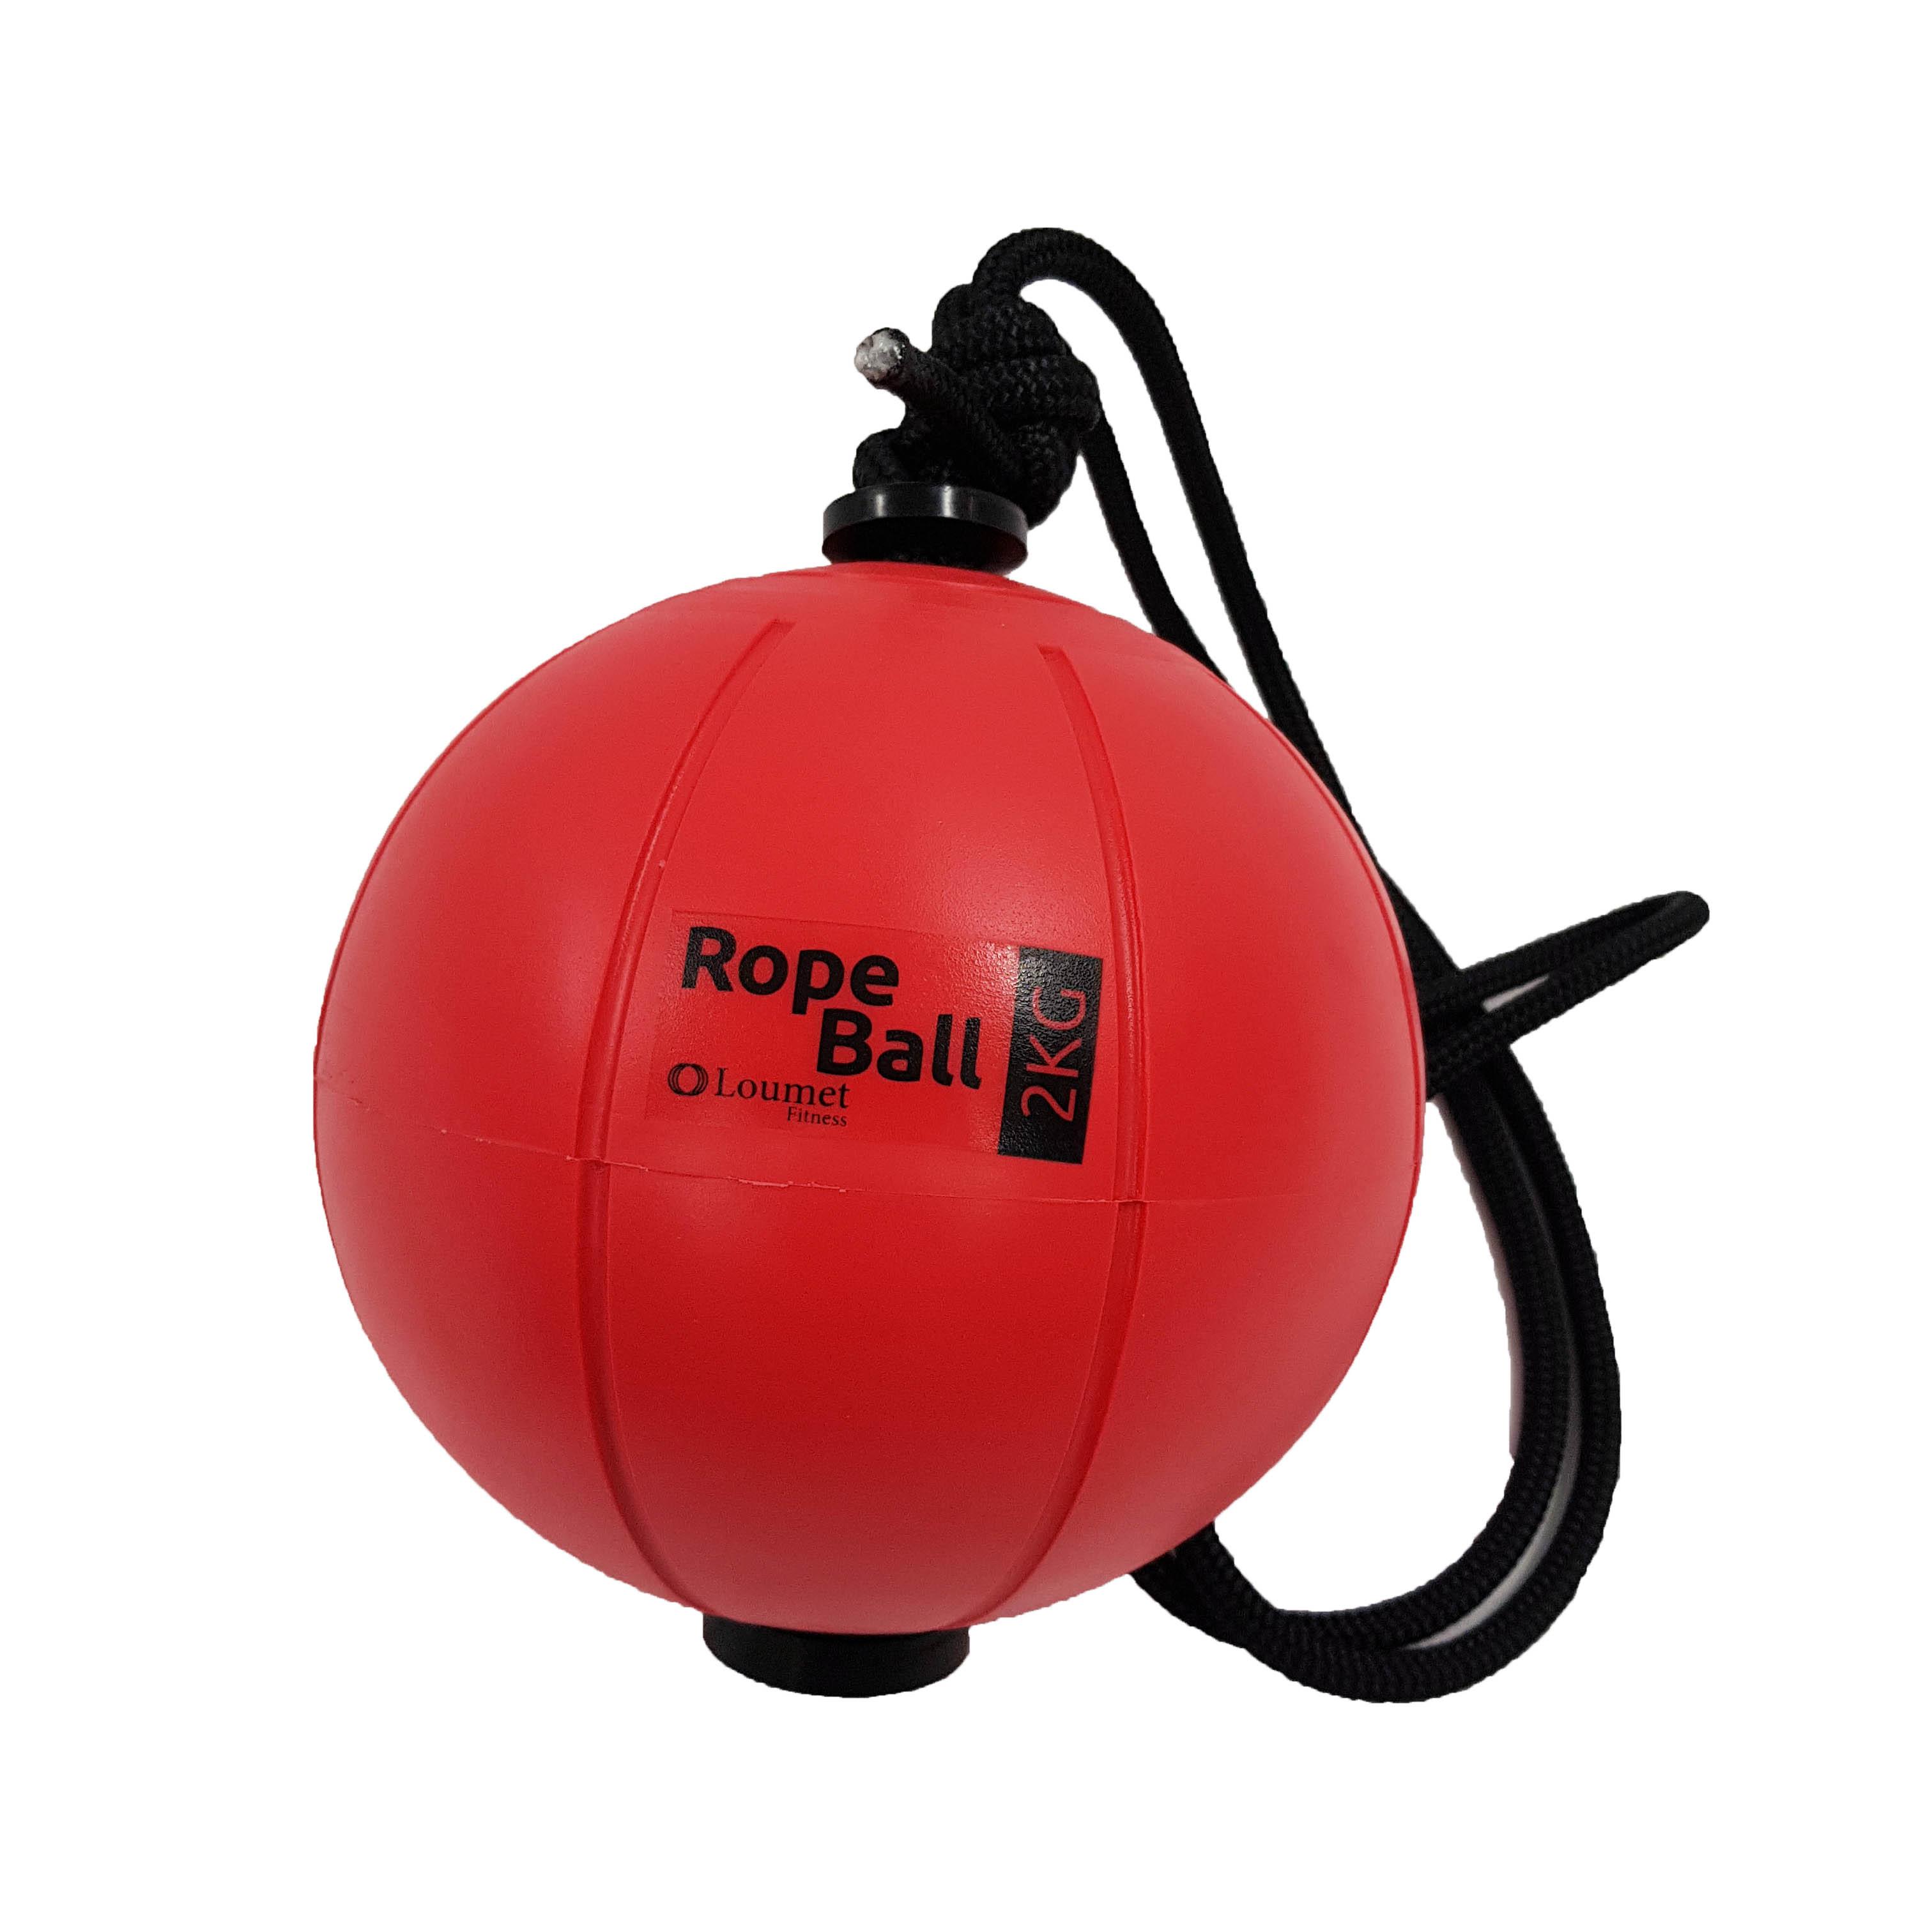 Loumet™ DBL Rope Ball 2-5kg